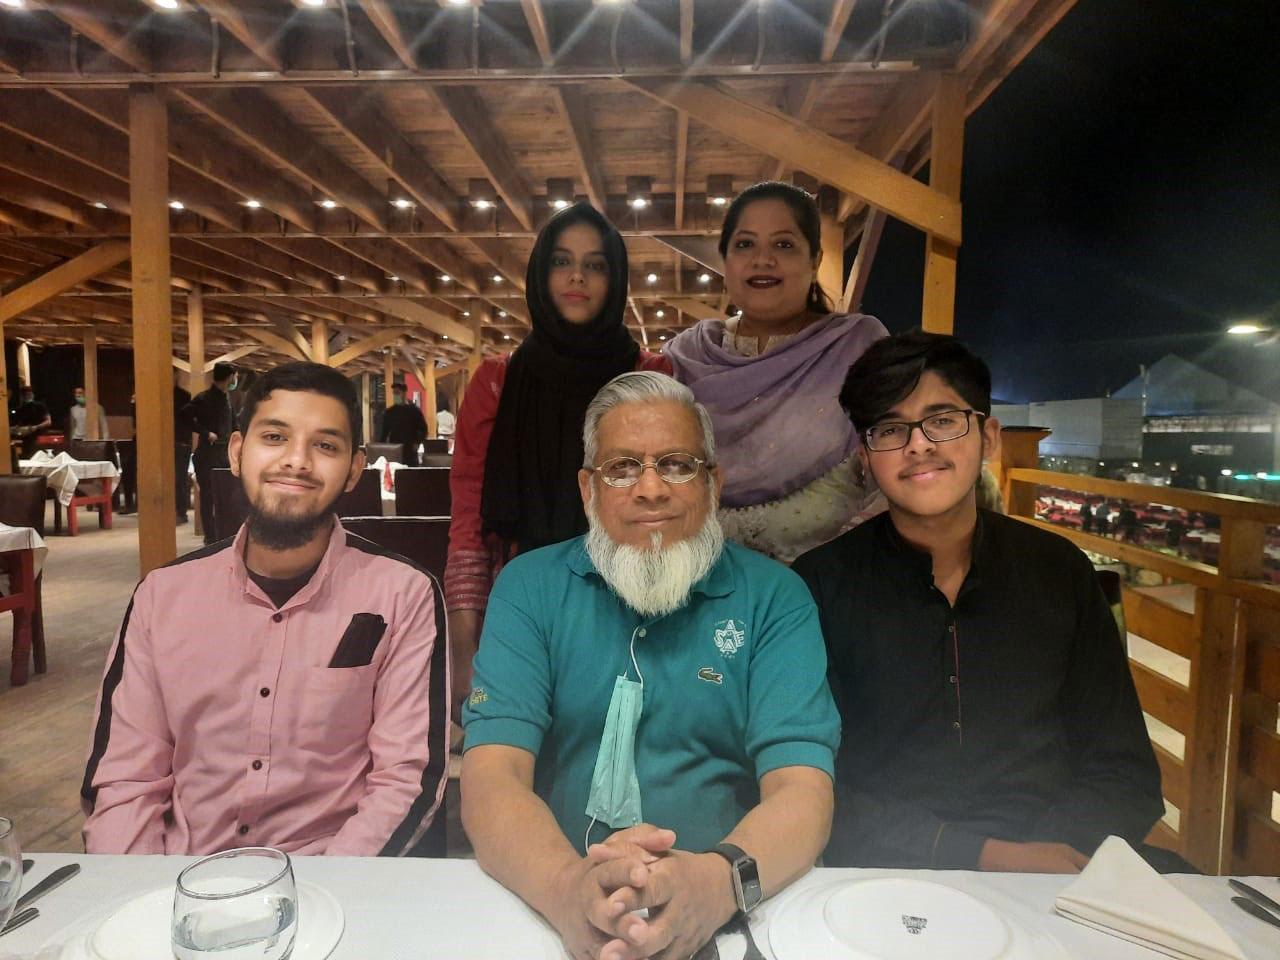 Standing: Mariam A. Rehman, Dr. Kiran A. Rehman | Sitting: Obaid Ur Rehman, Engr. Iqbal A. Khan, Habib Ur Rehman